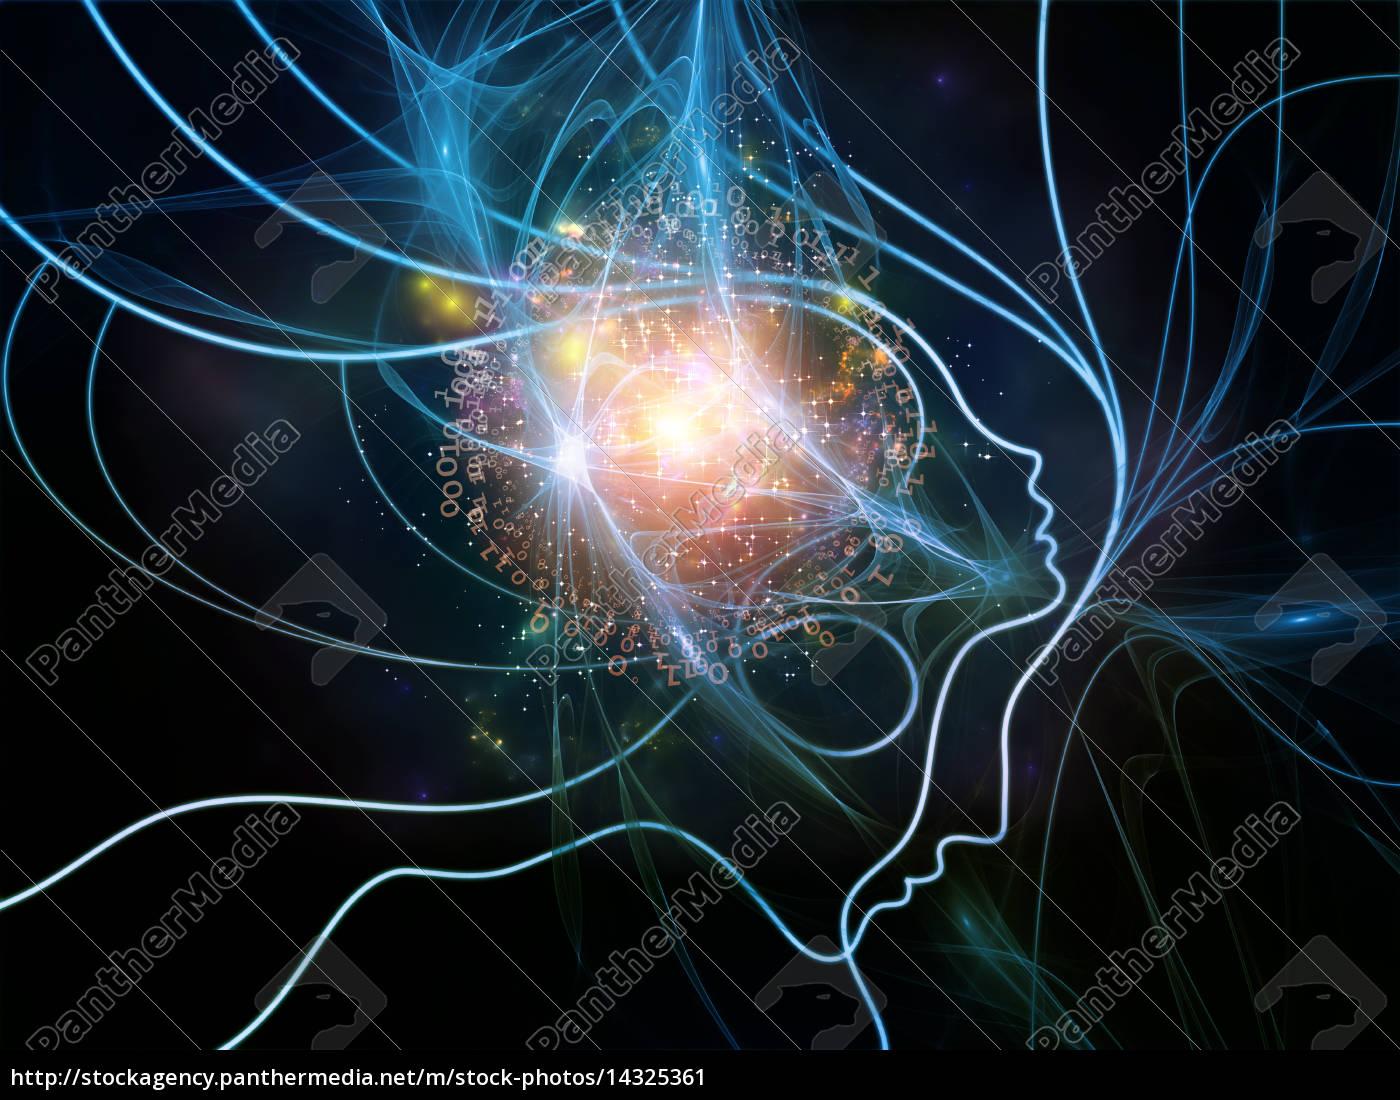 światła, sieci, myśli - 14325361